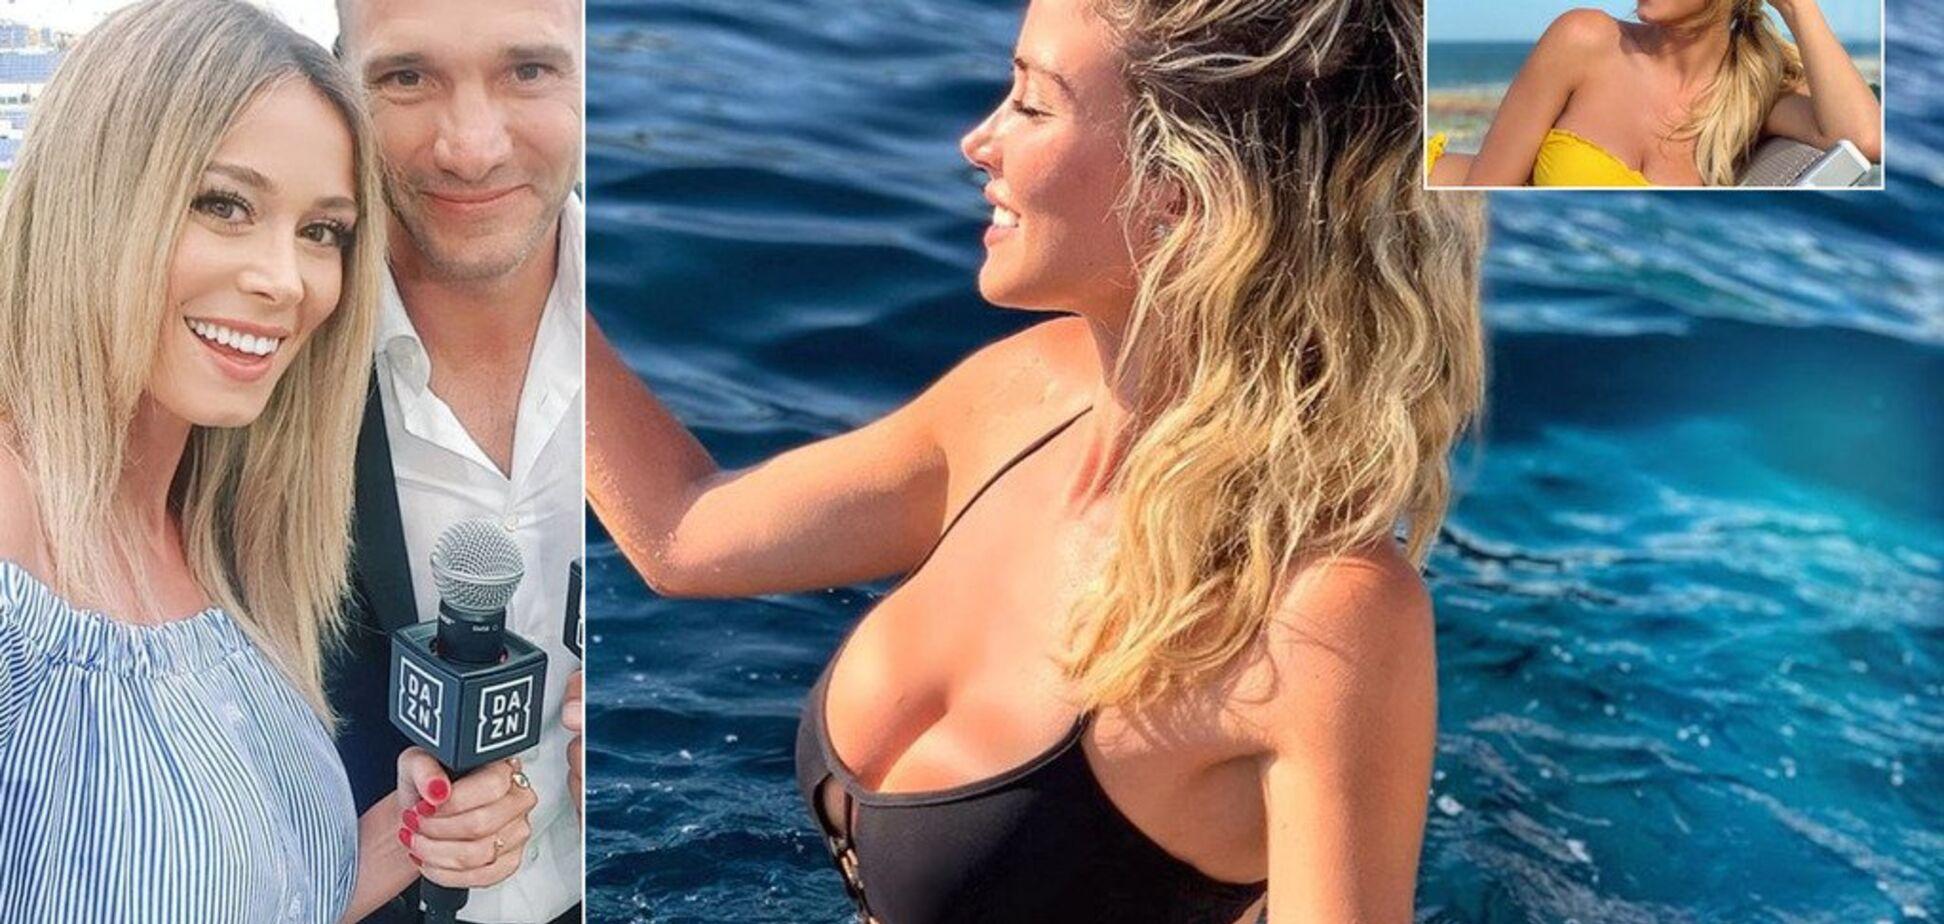 Фанаты потребовали от соблазнительной помощници Шевченко показать голую грудь